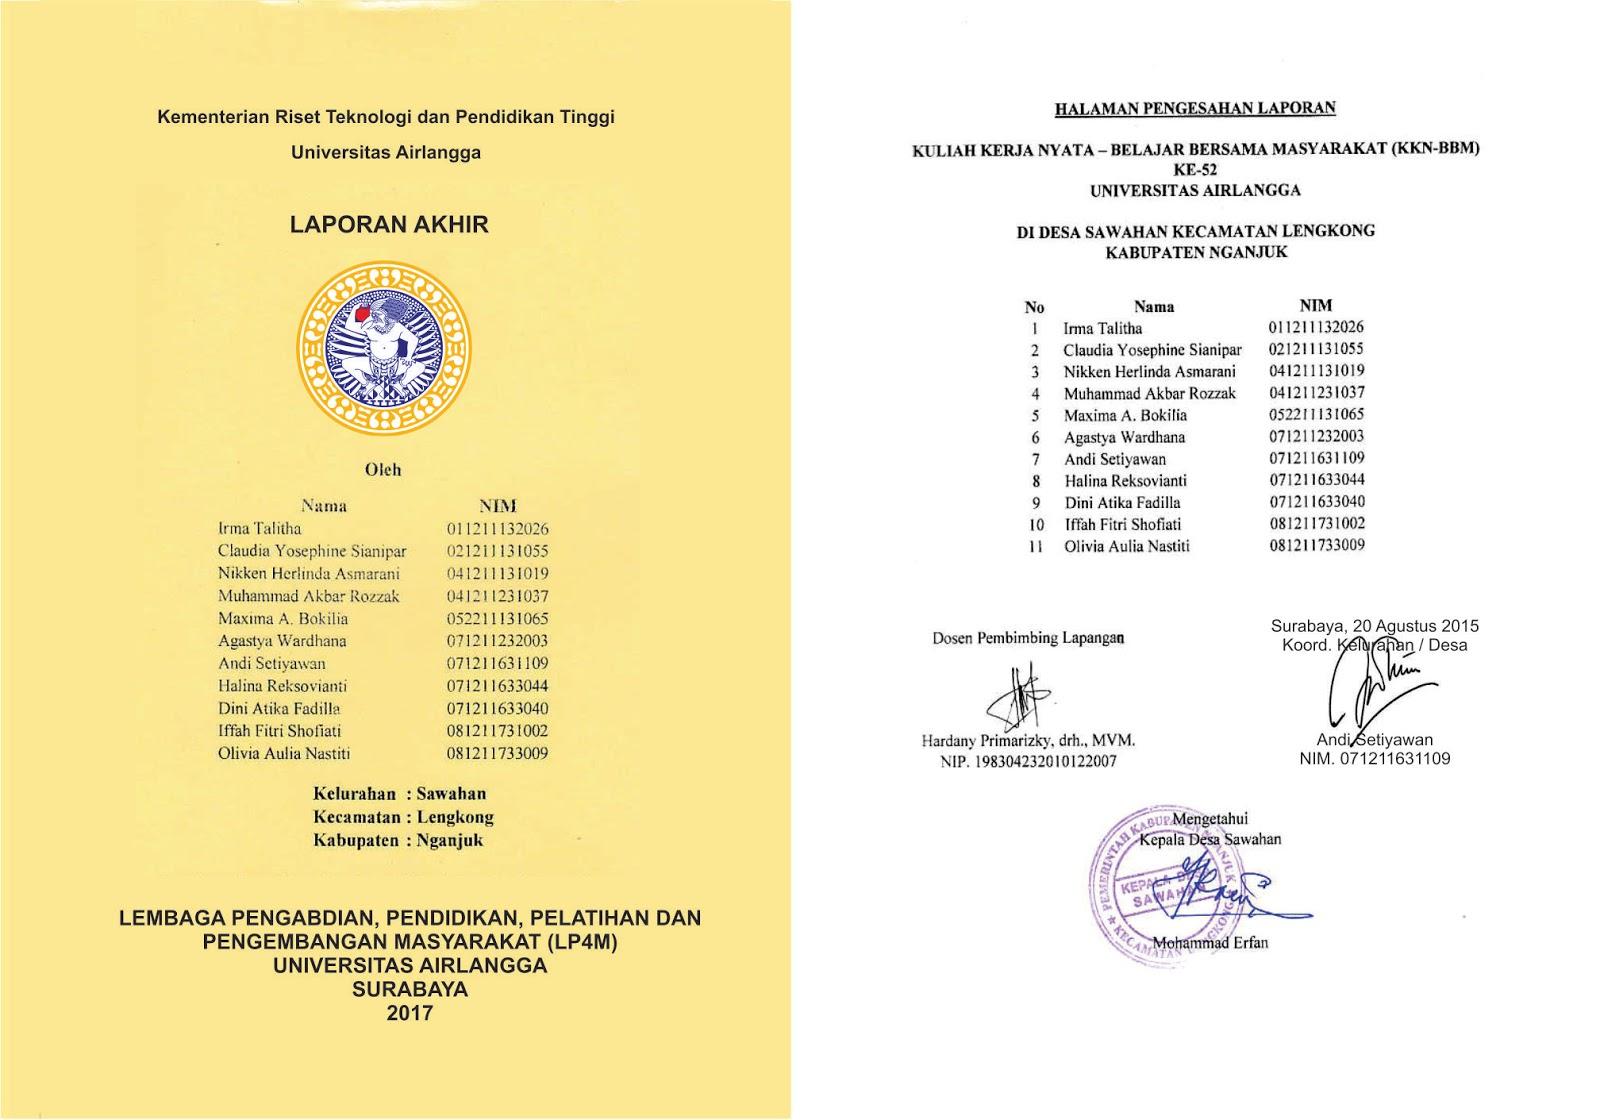 Informasi Kkn Bbm Universitas Airlangga Kkn Bbm 55